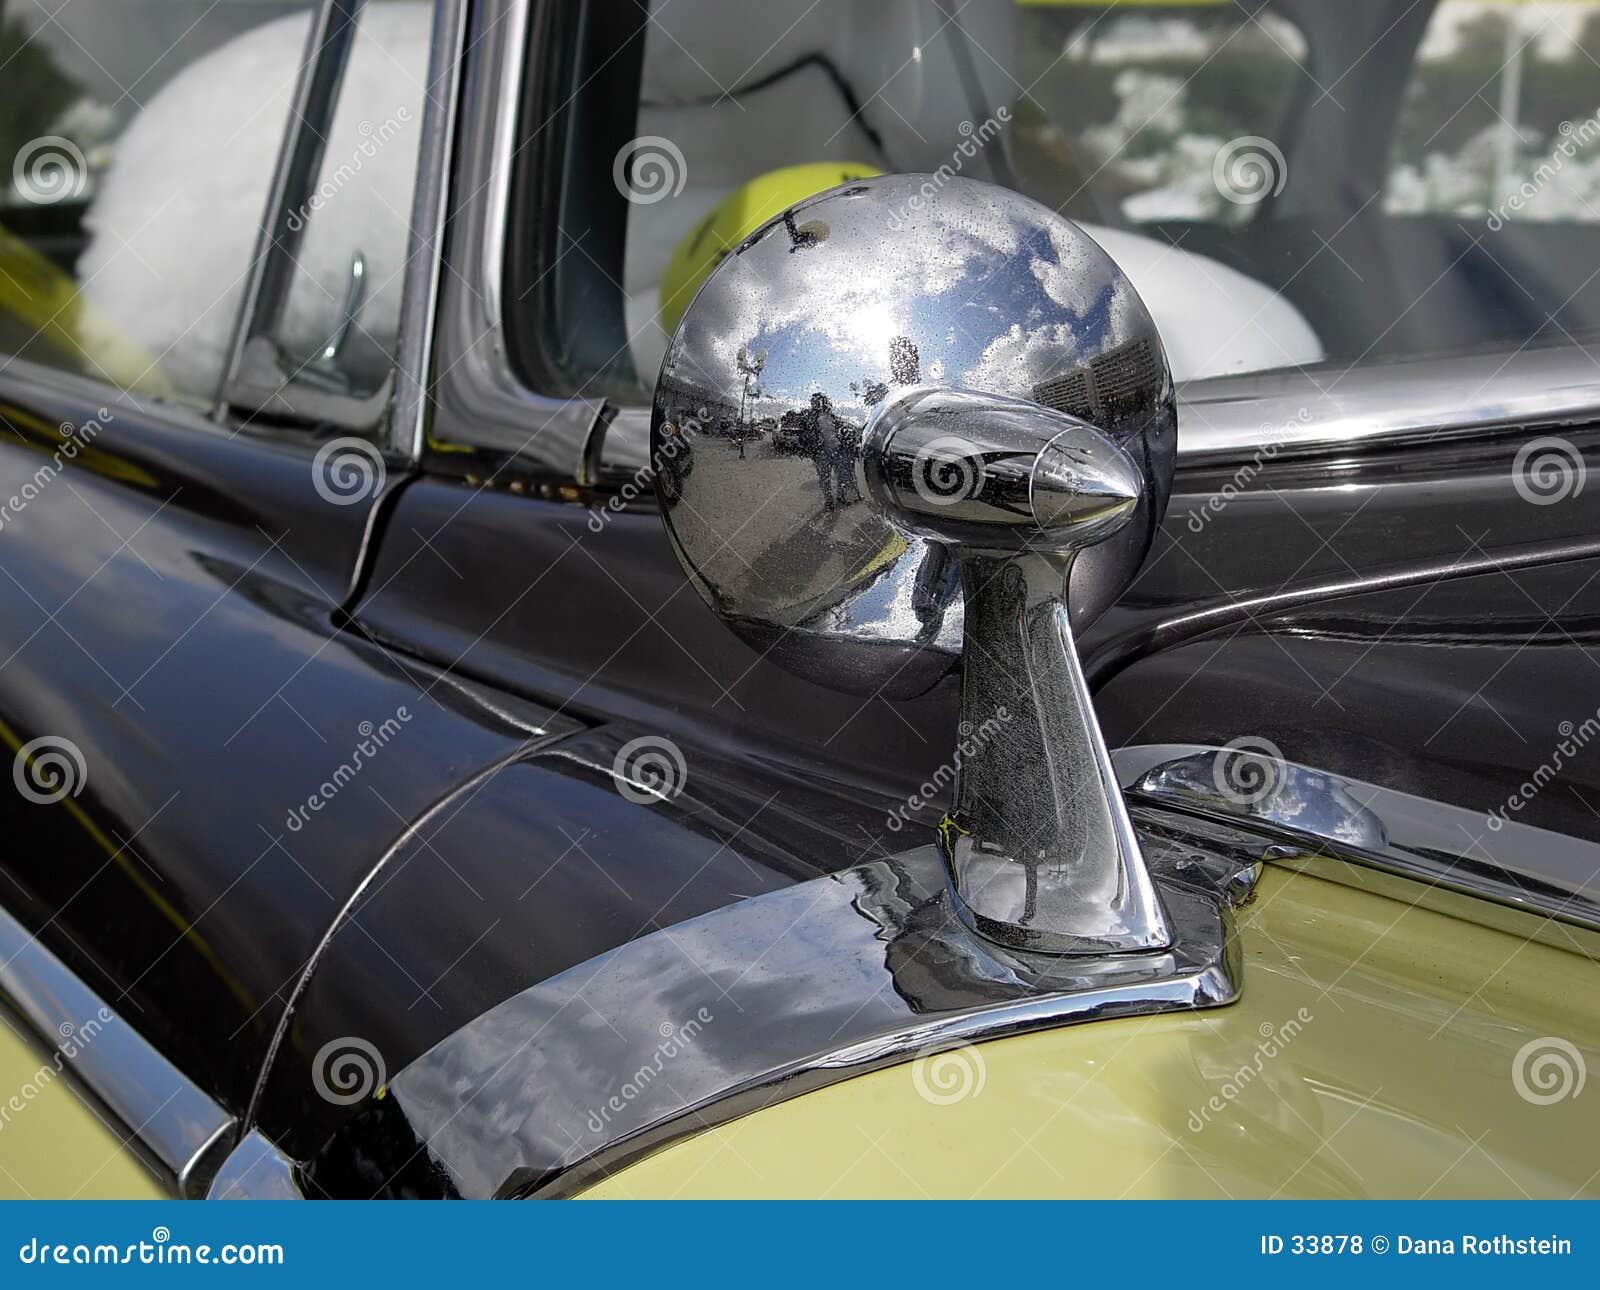 Download Espejo de coche foto de archivo. Imagen de reflexión, puerta - 33878